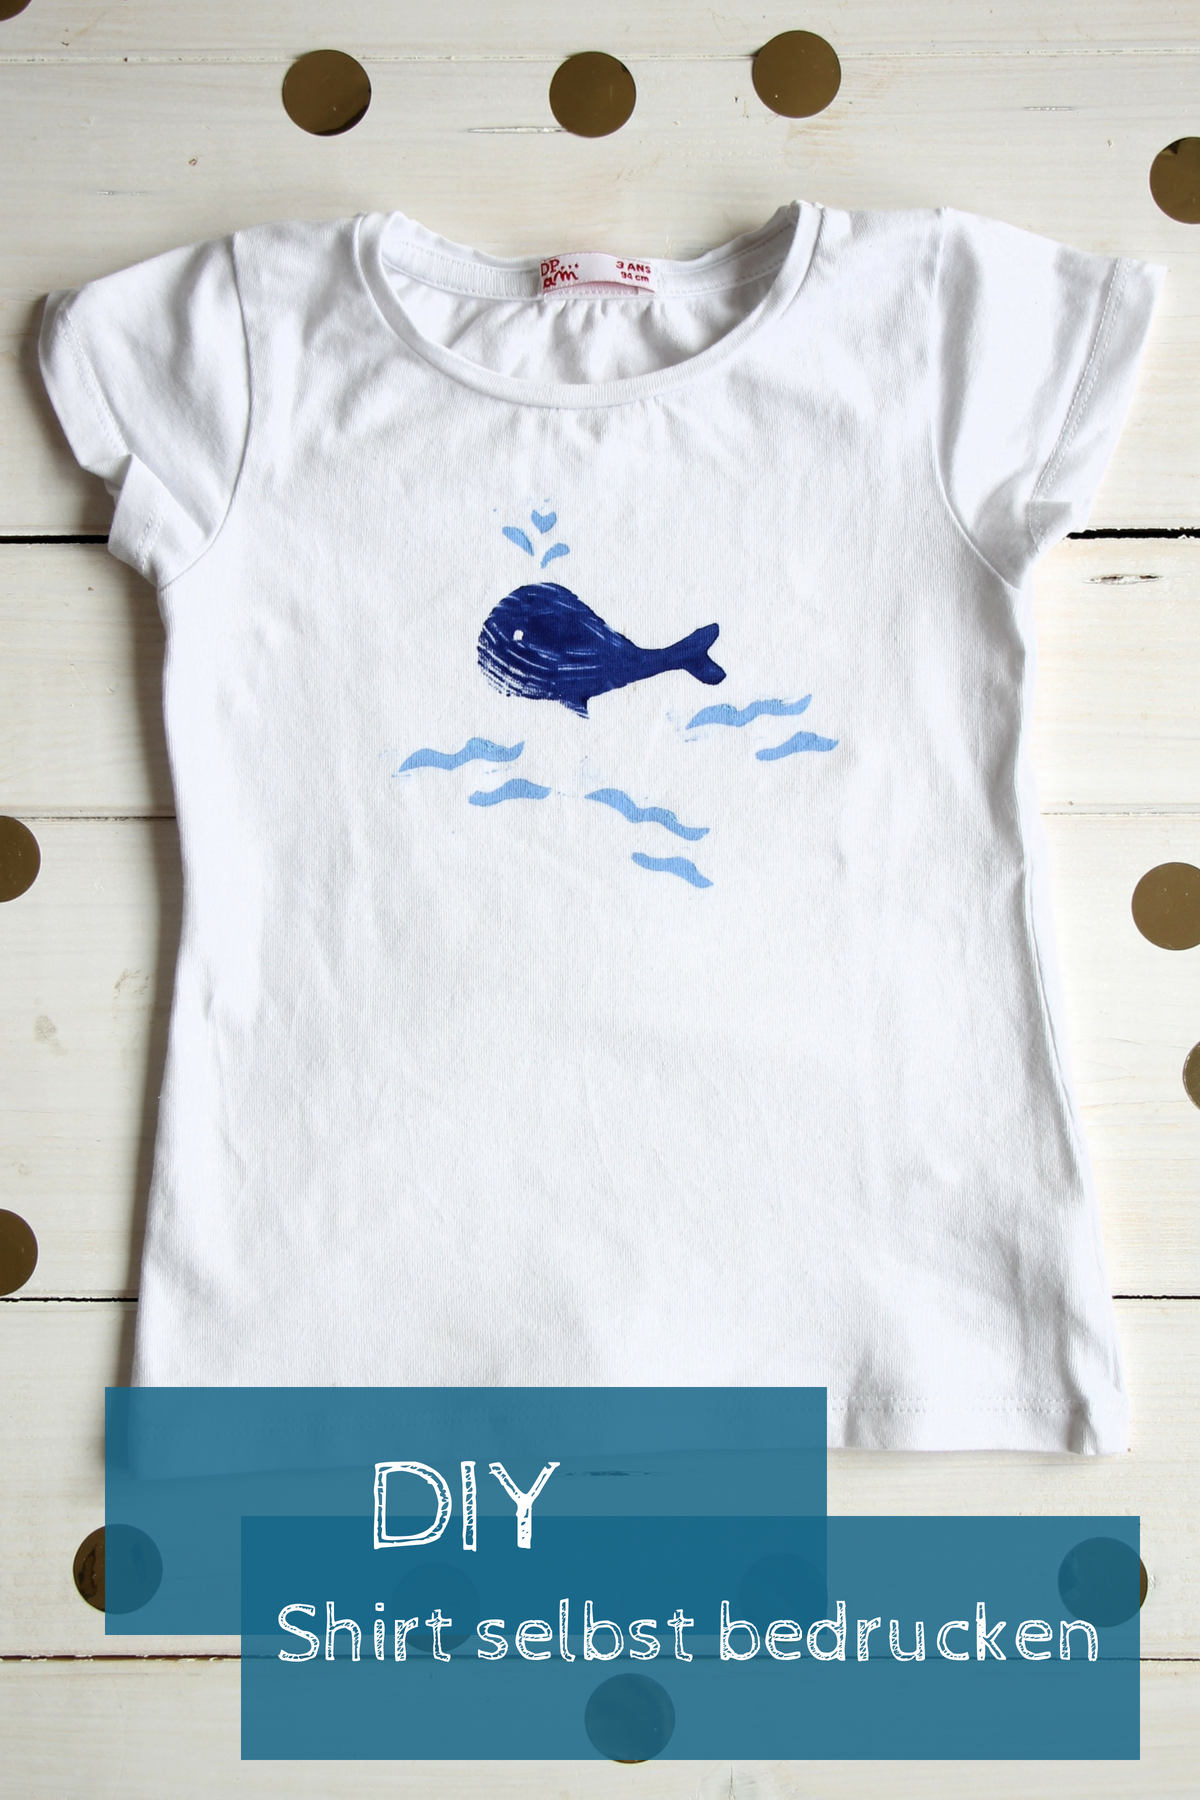 Diy Moosgummi Stempel Selber Machen Und Shirts Individuell Bedrucken Lavendelblog Shirt Selbst Bedrucken Stempel Selber Machen Shirts